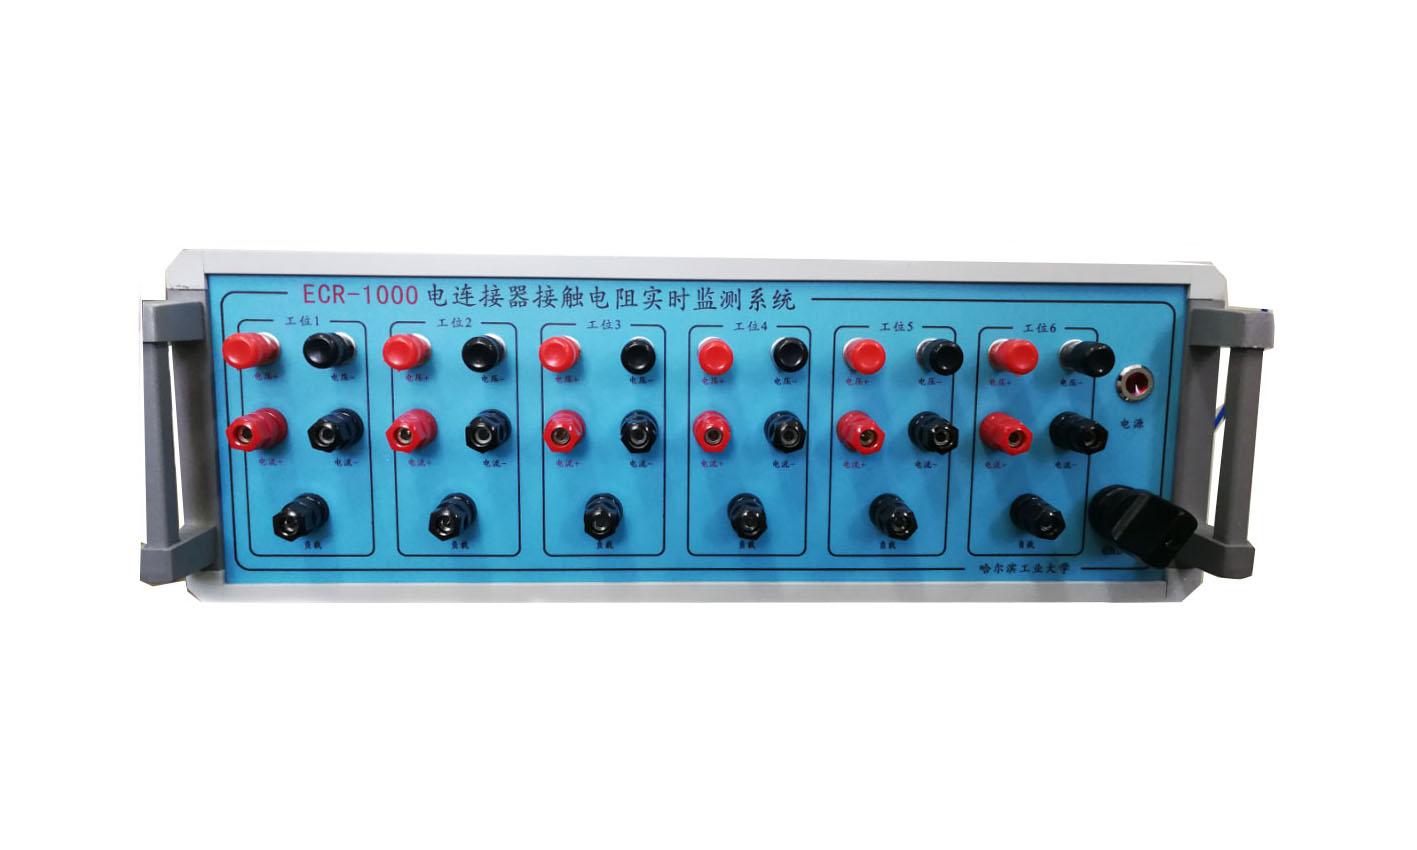 ECR-1000电连接器接触电阻实时监测